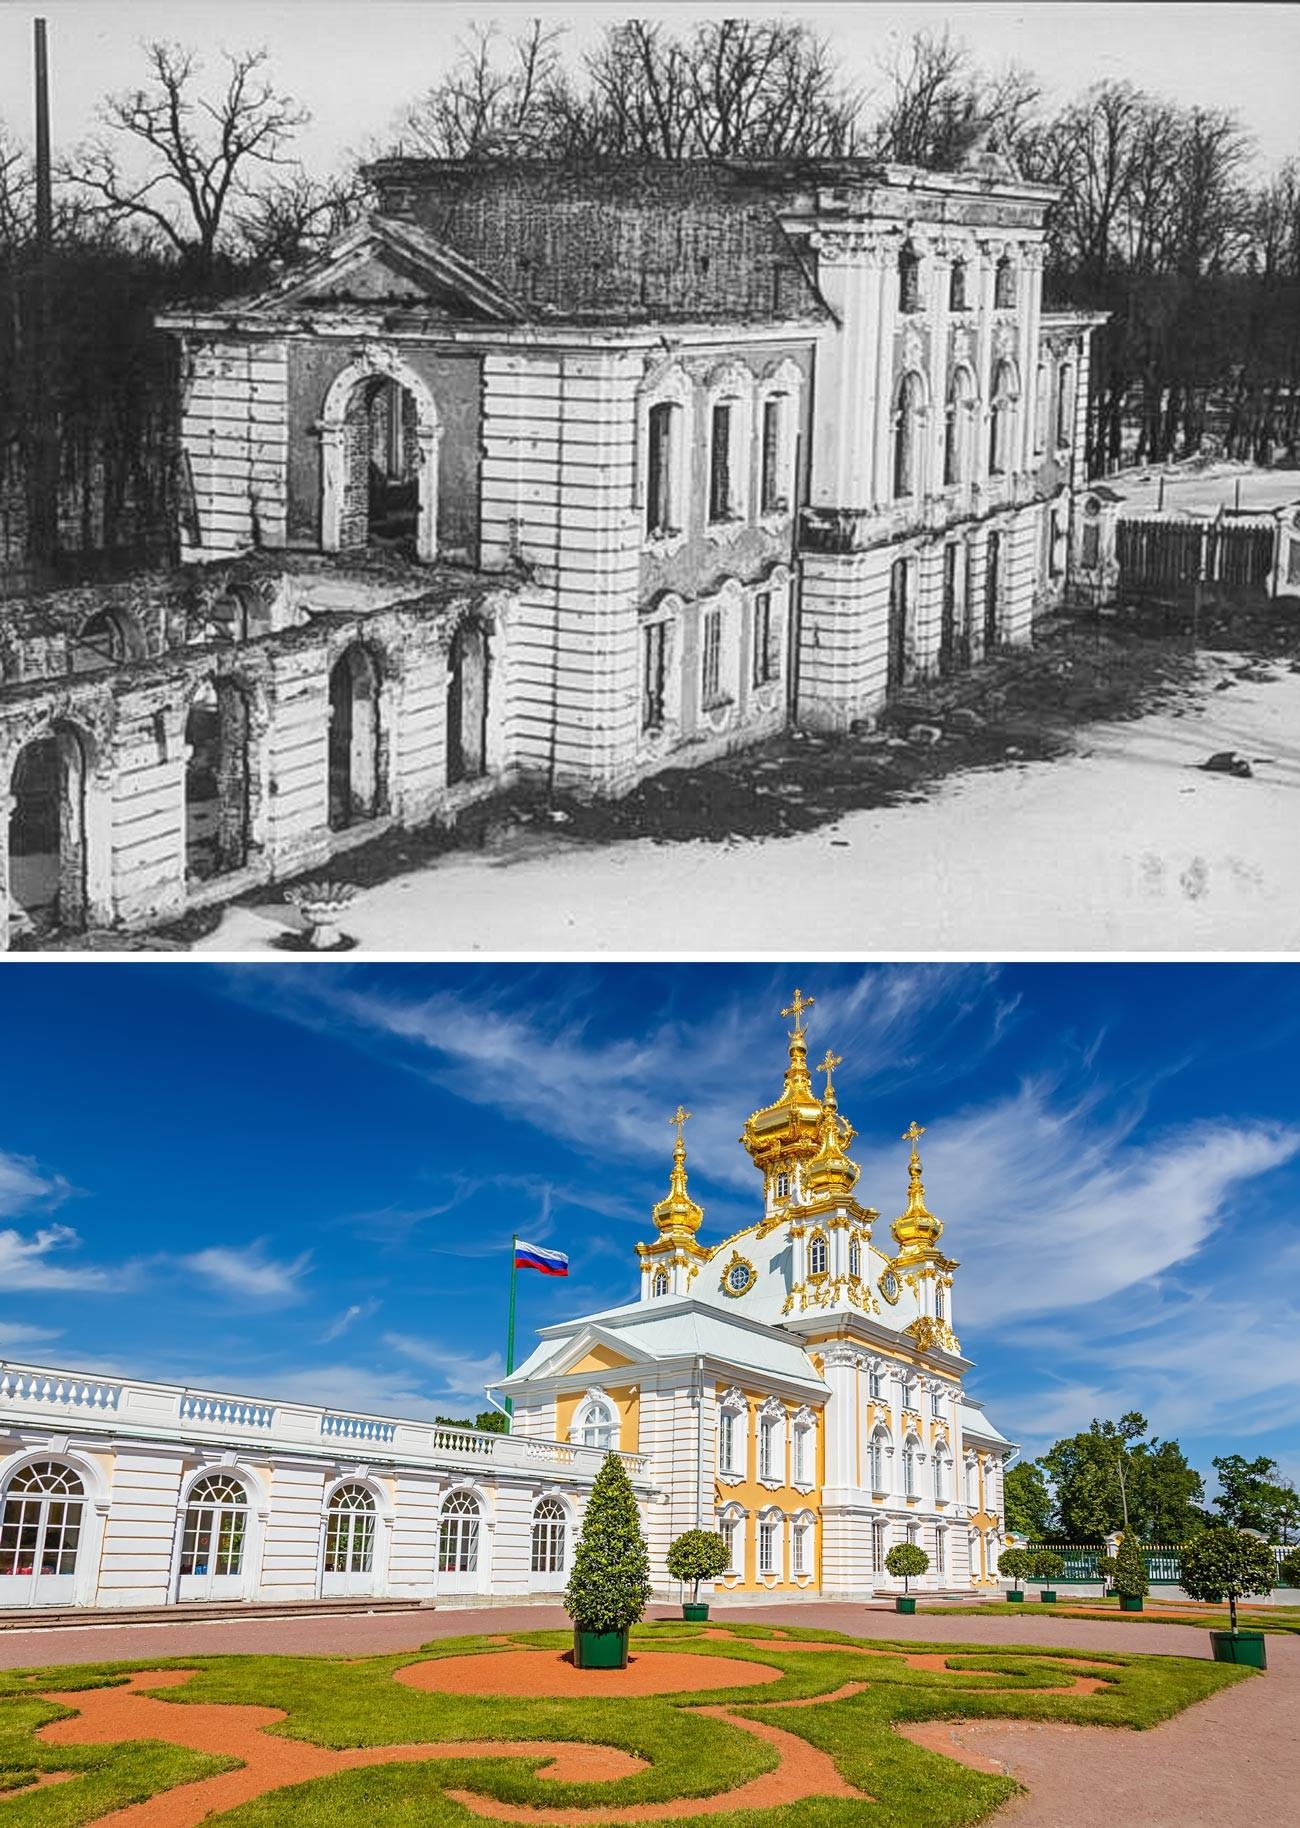 Дворска црква Петерхофа